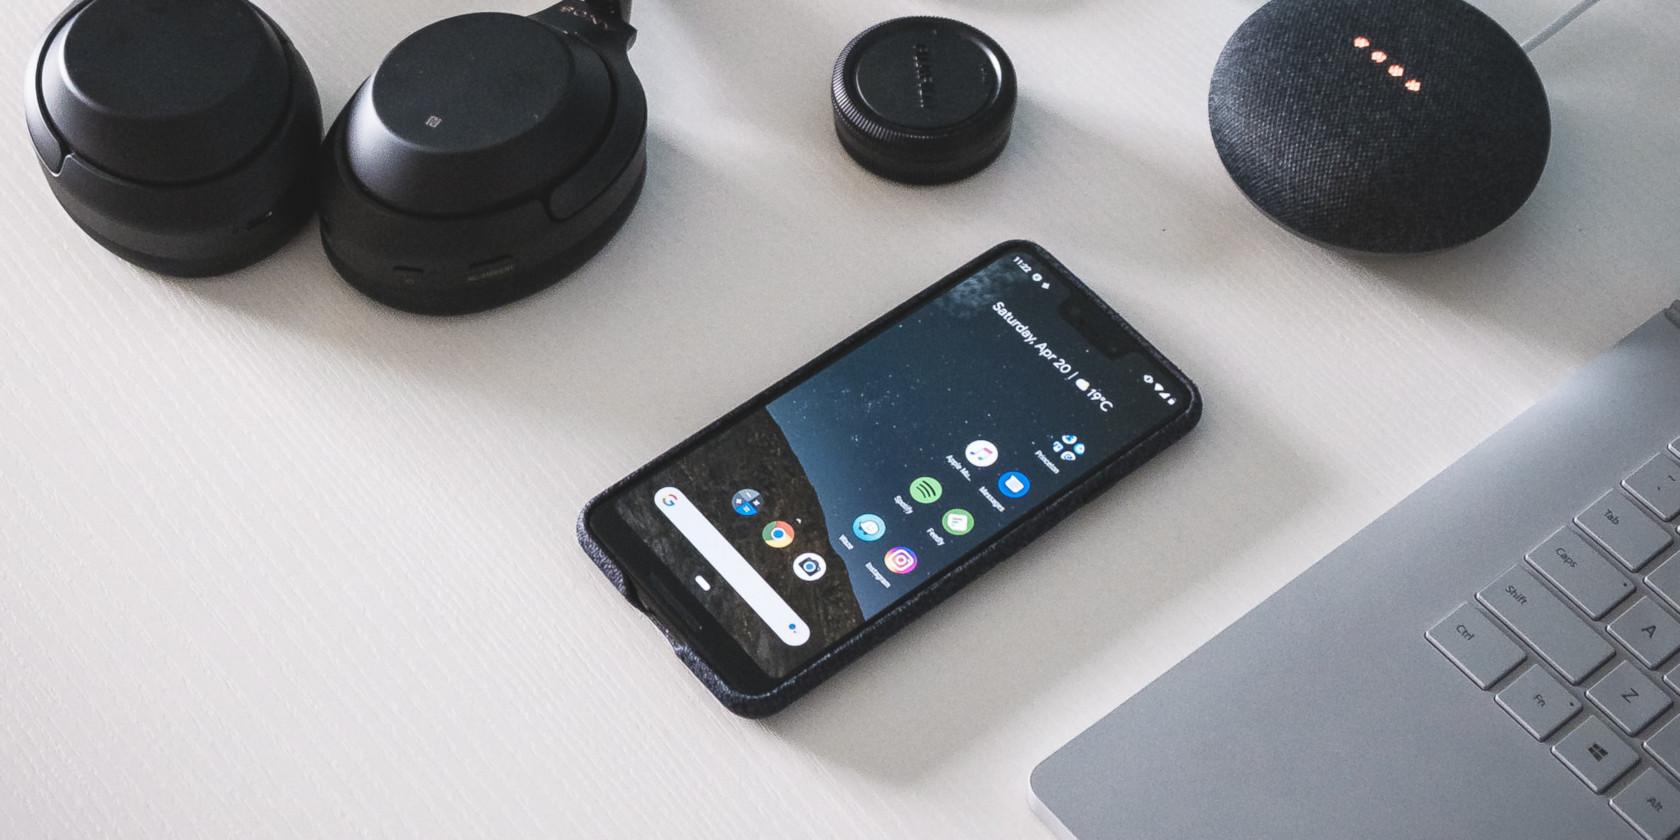 Haz más con tu teléfono Android: Más de 70 consejos y trucos que deberías saber android 10 google pixel 3 teléfono androide destacado